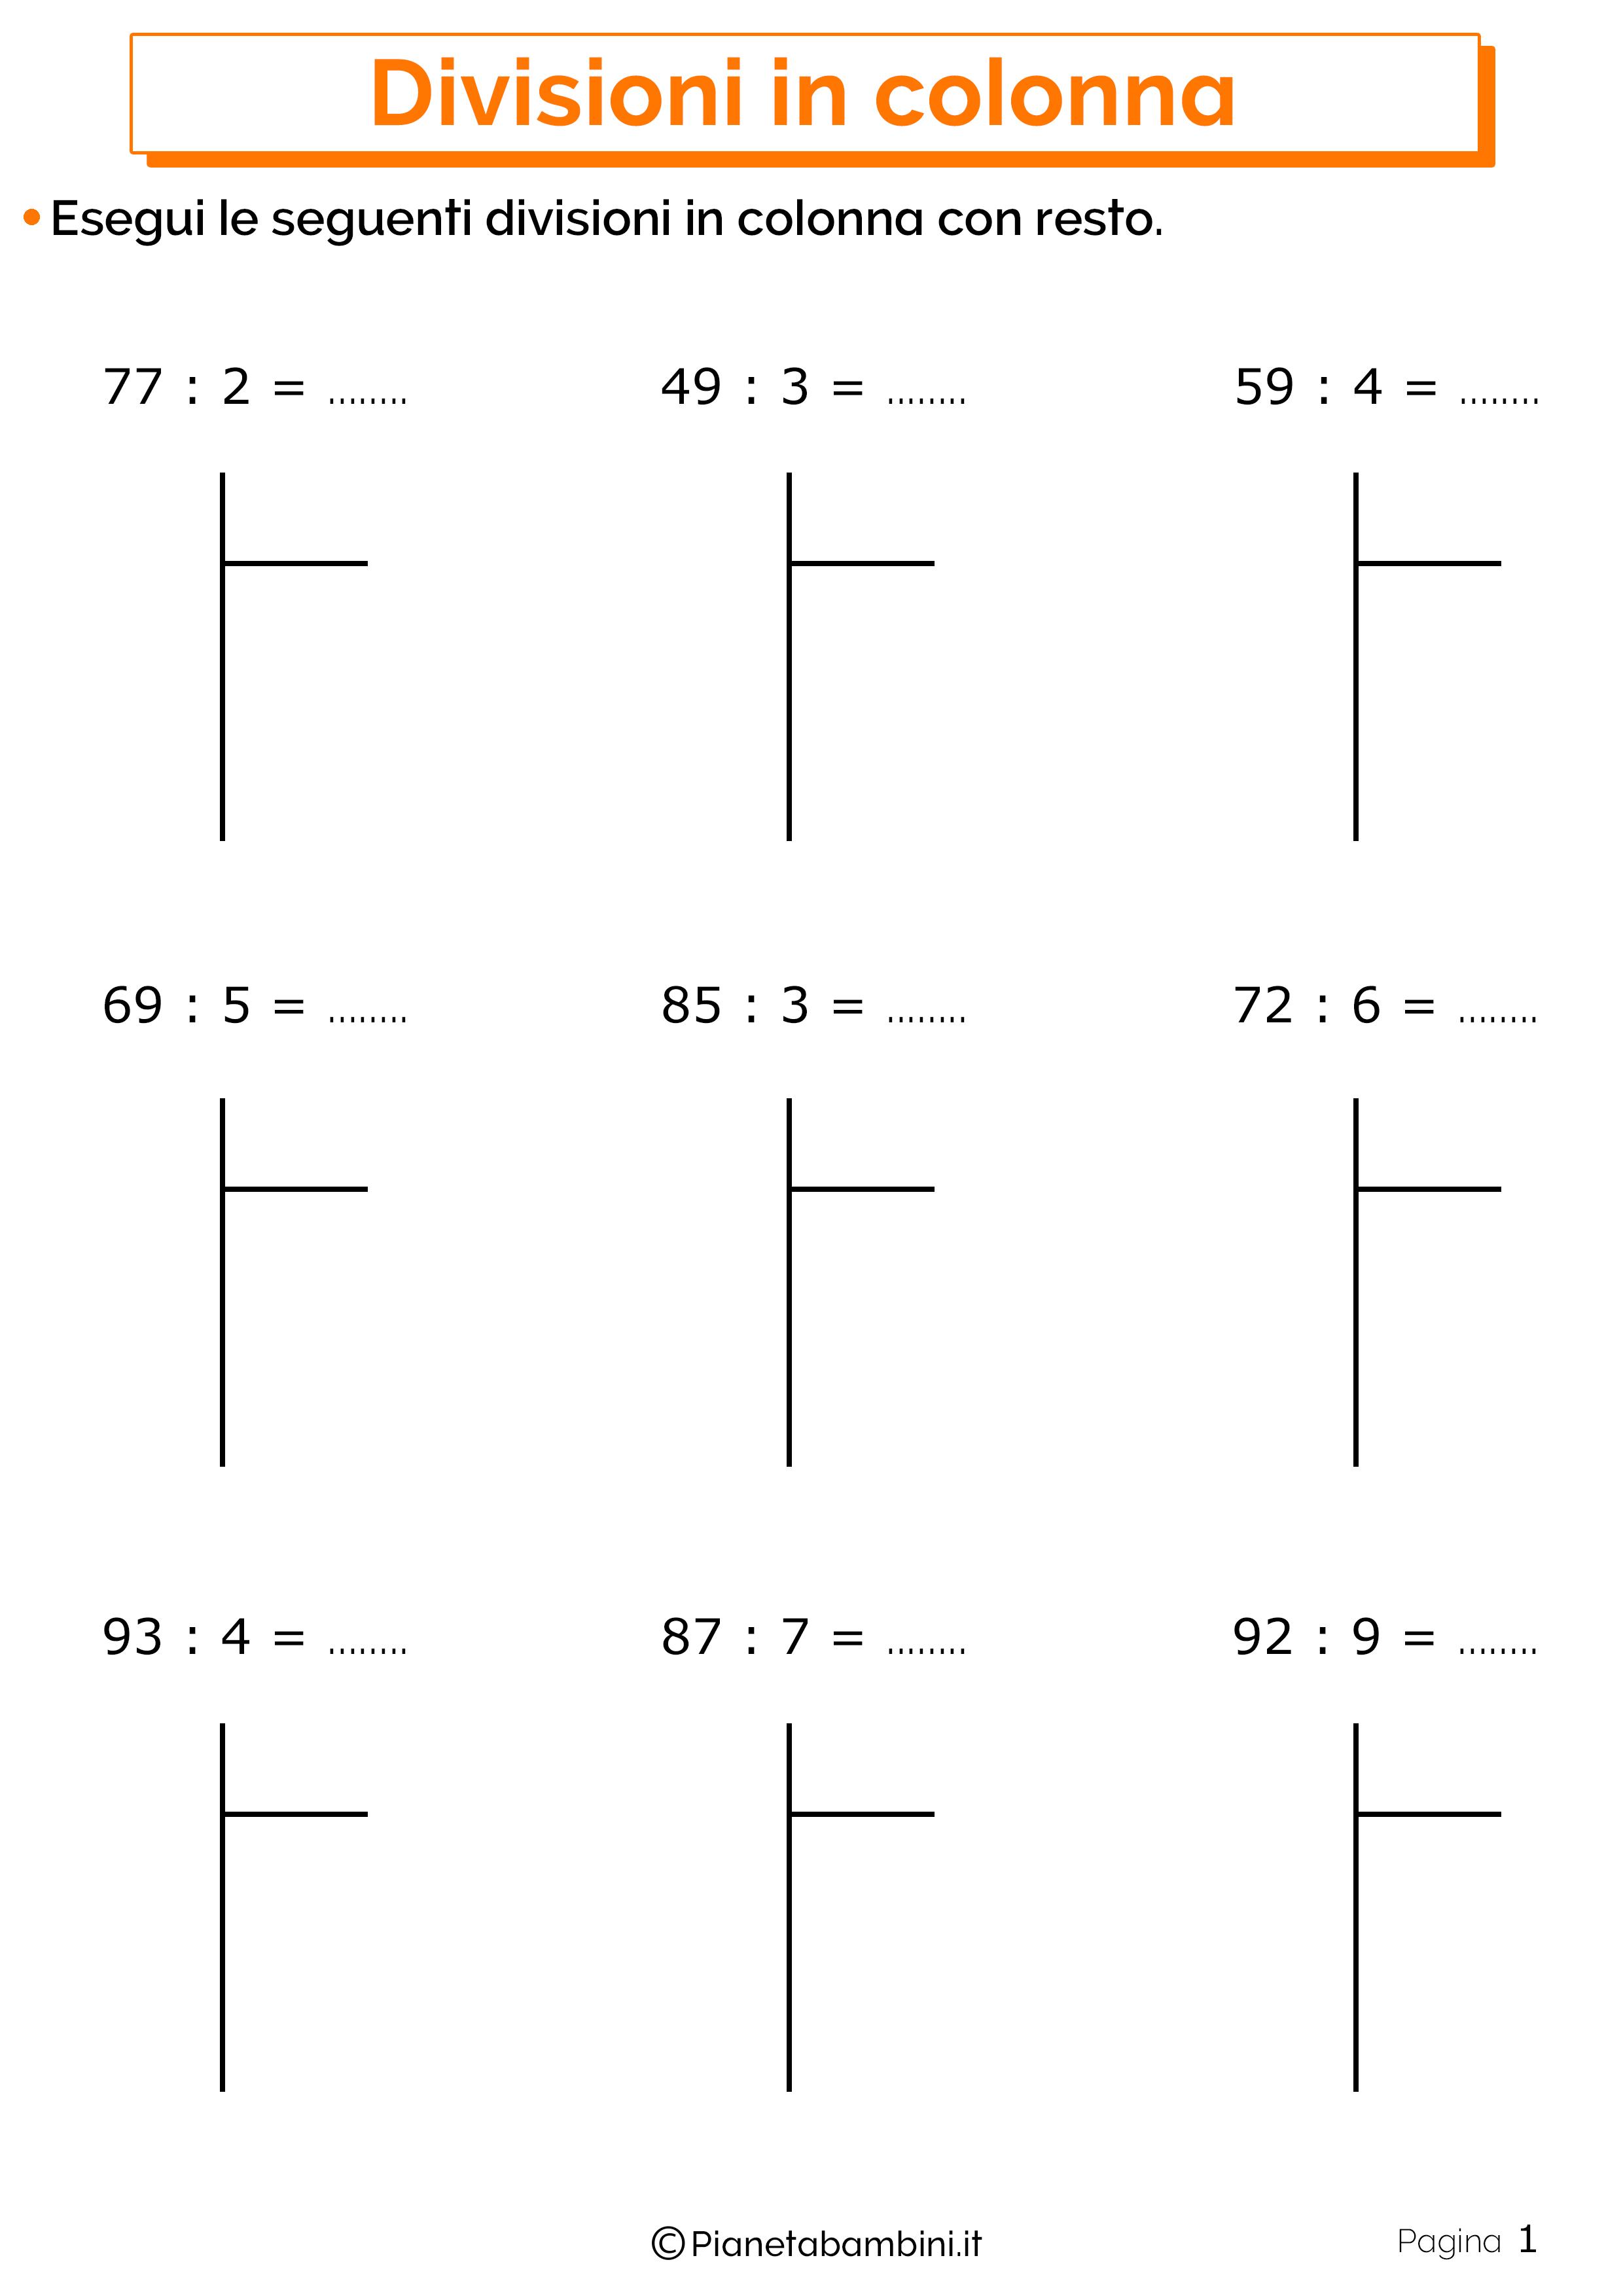 Divisioni in colonna con resto 1